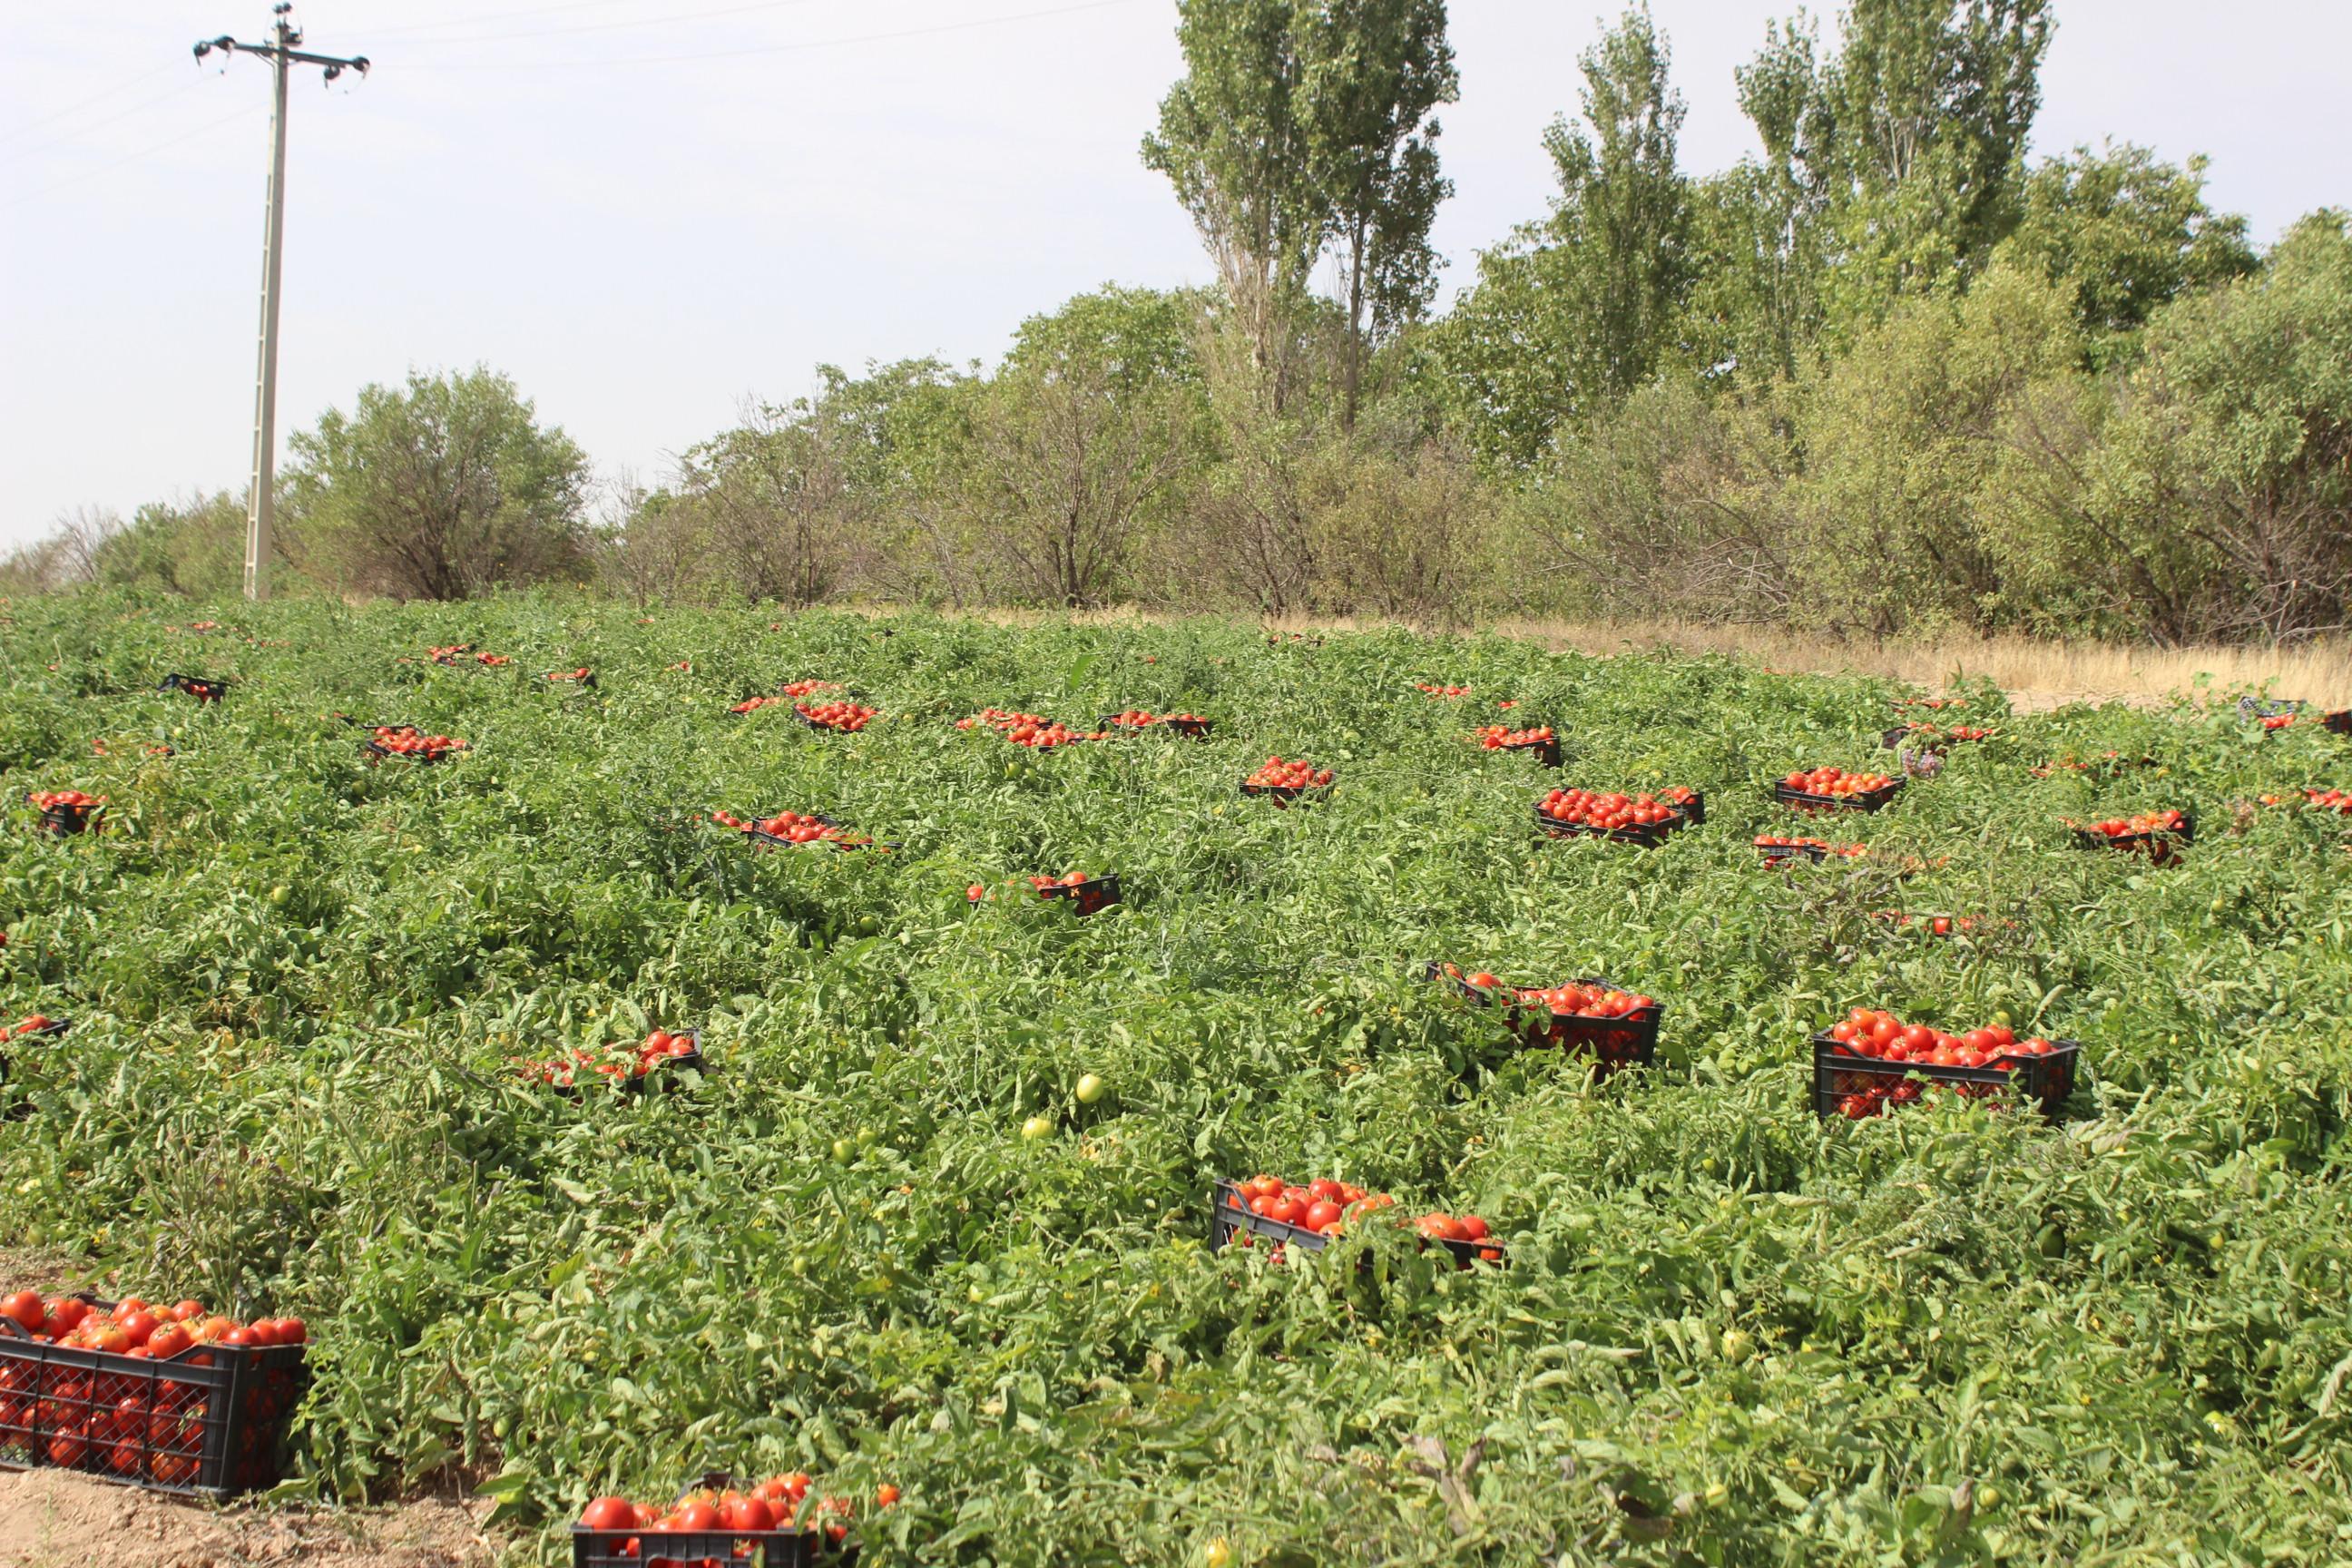 200هکتار زمین زارعی در مهاباد زیر کشت گوجه فرنگی